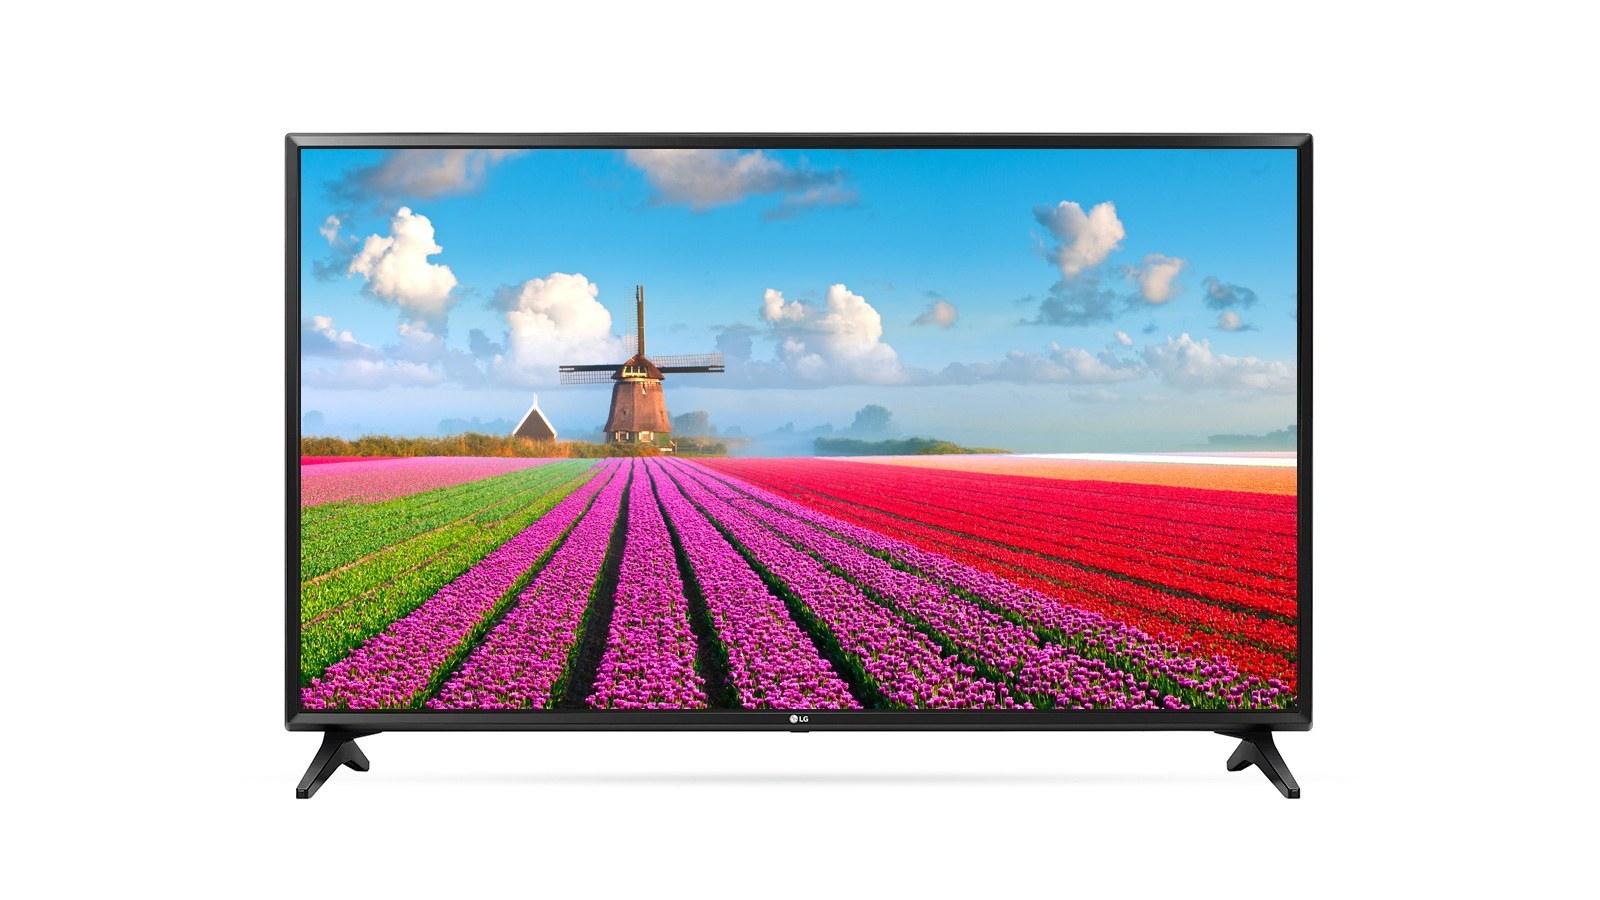 تصویر تلویزیون 49 اینچ ال جی مدل LJ55000GI LG 49lj55000gi TV